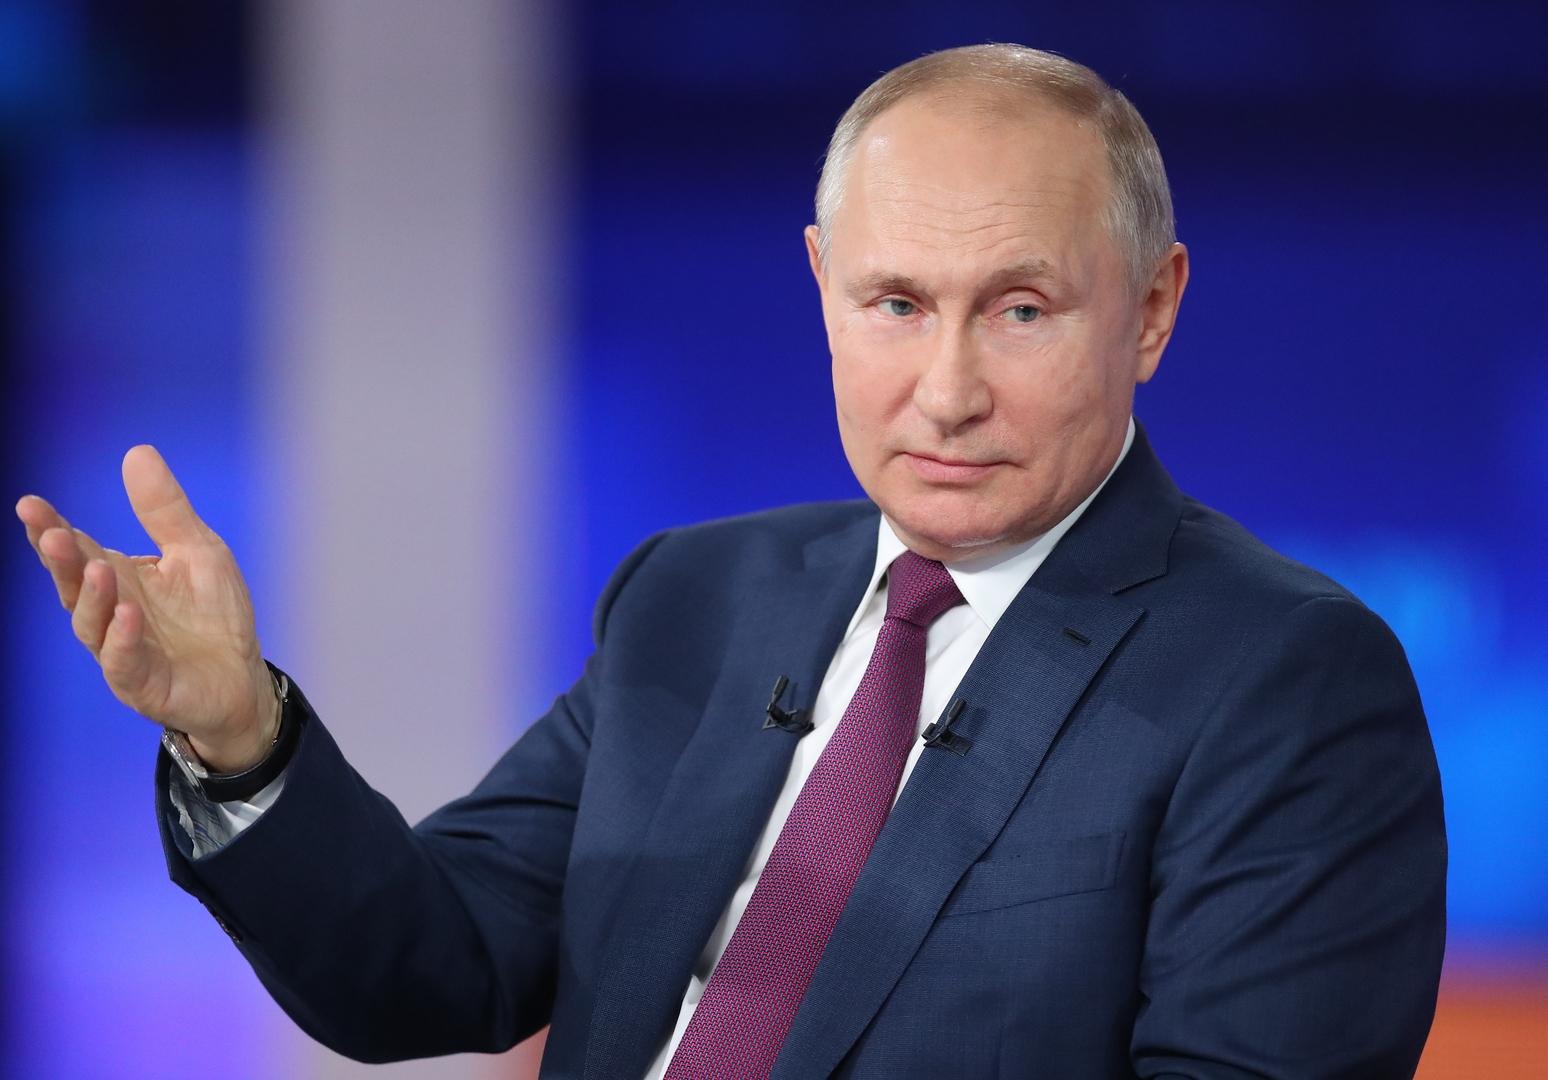 بوتين يكشف عن سر السعادة وكيفية تجاوز الصعوبات